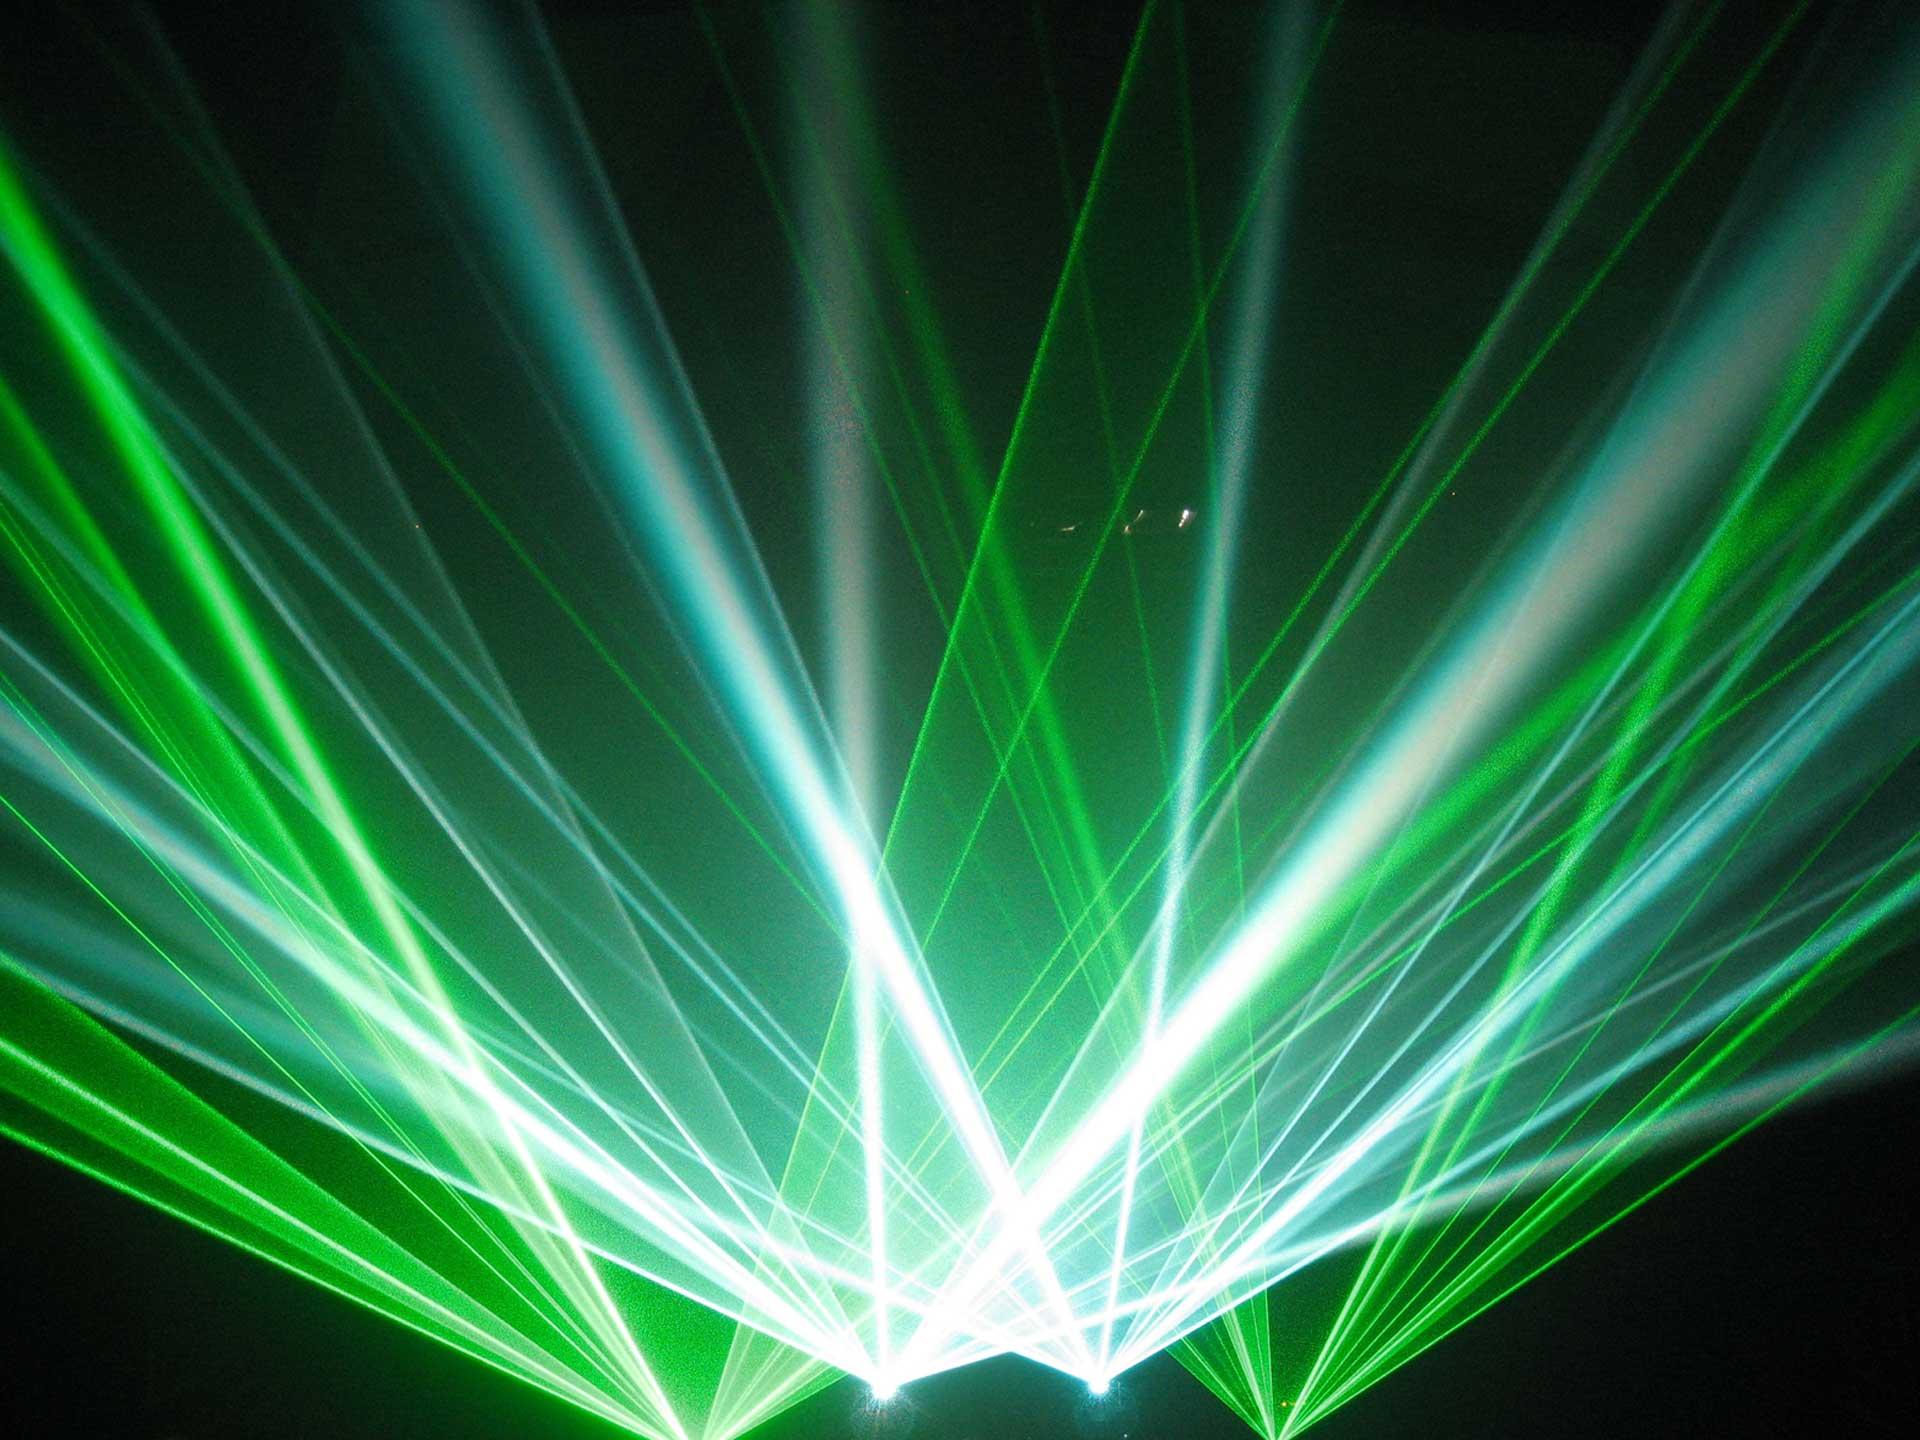 HQ Laser Wallpapers | File 197.51Kb